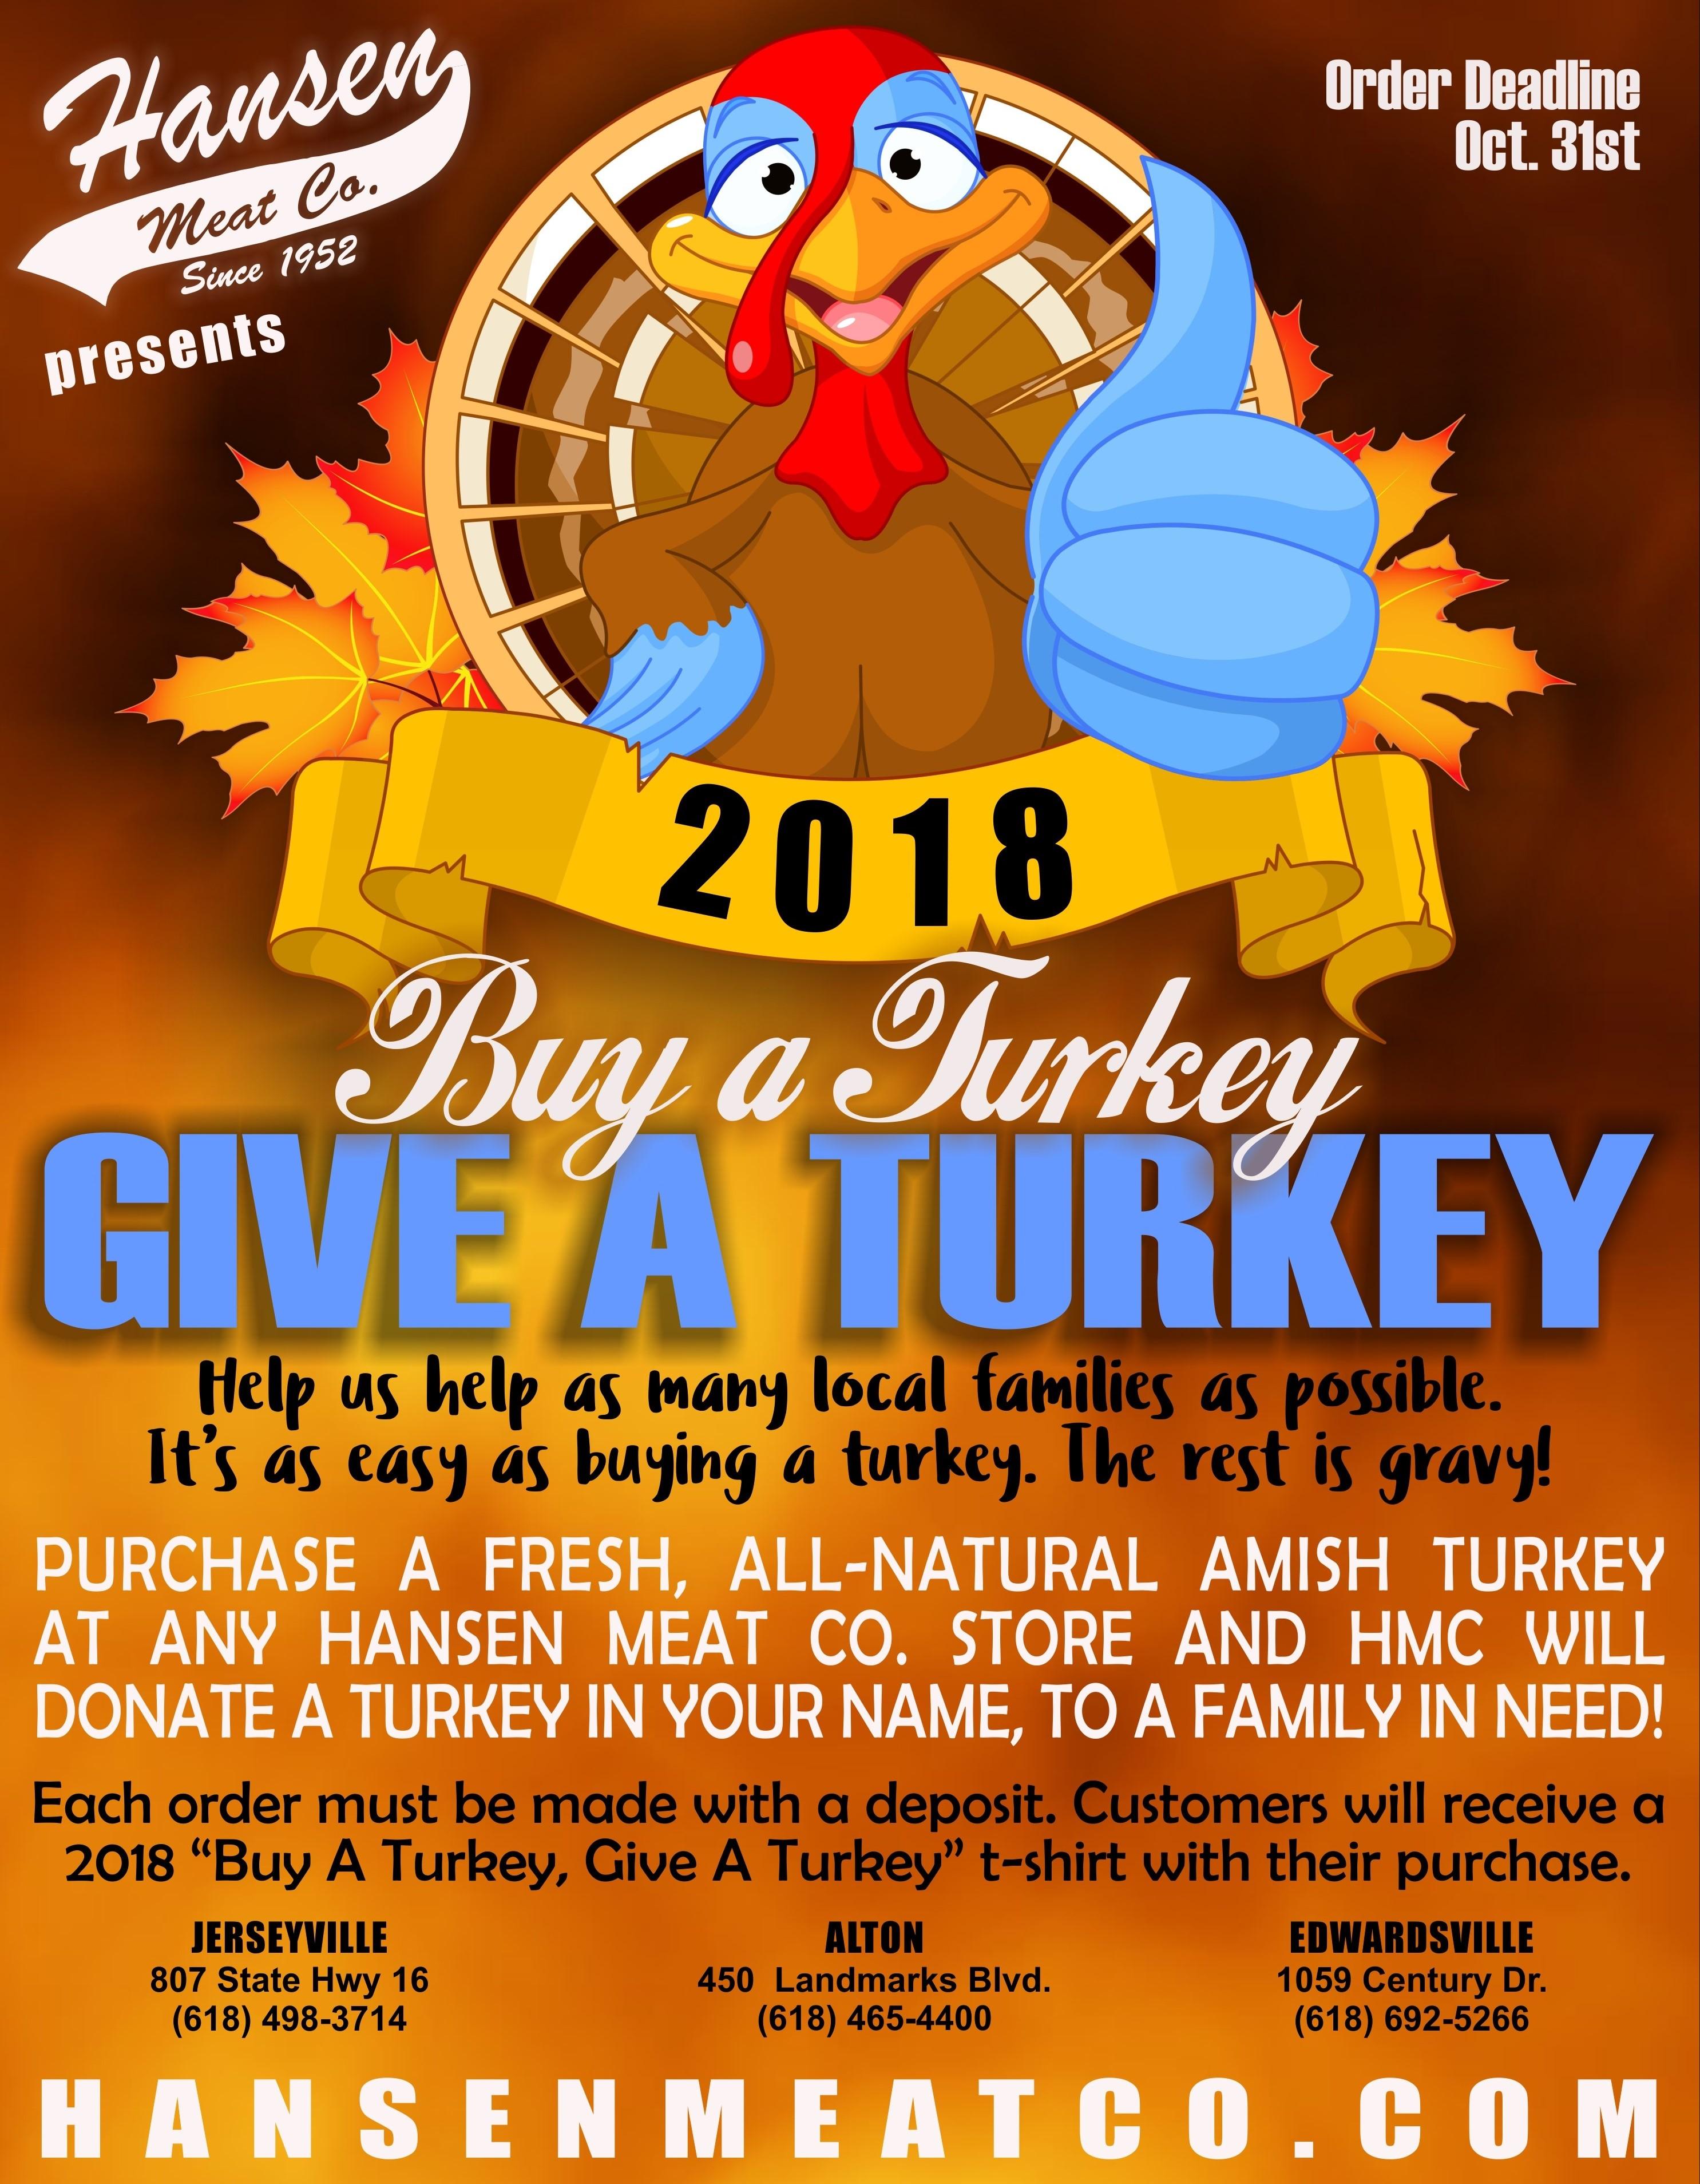 Buy a Turkey, Give a Turkey